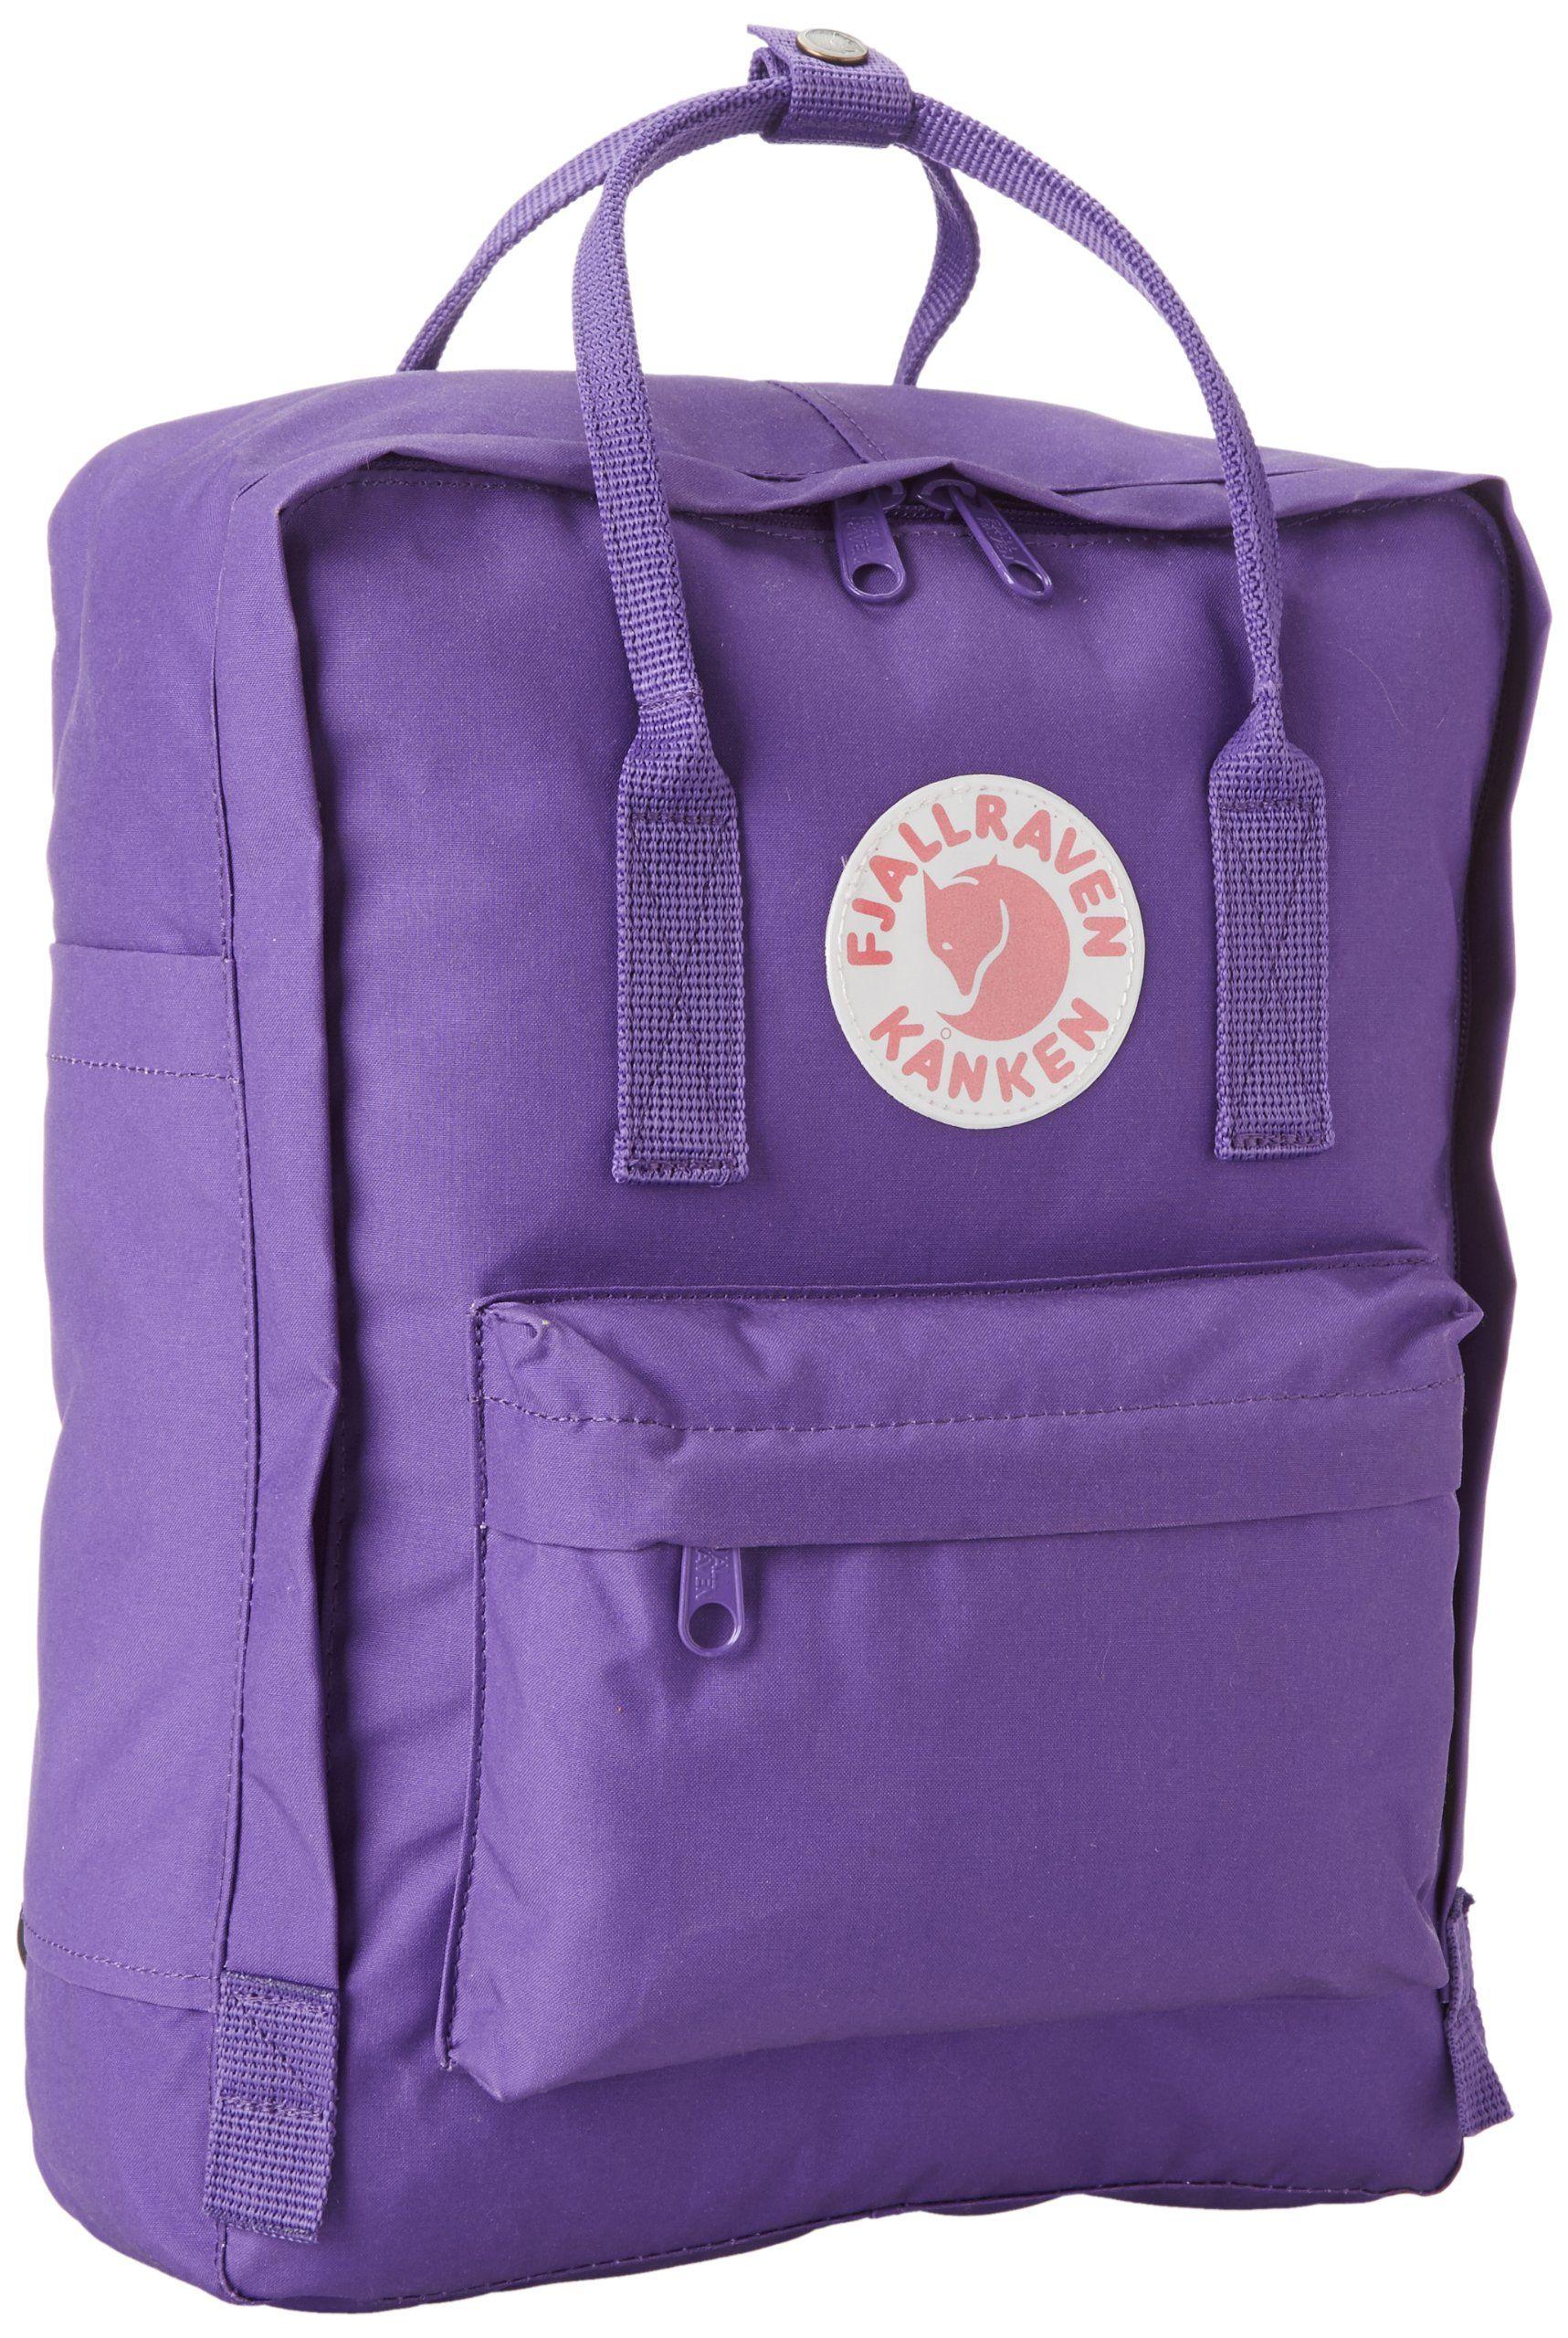 Fjällräven Kanken Rucksack purple Size 37 x 29 x 18 cm  Amazon.co.uk   Sports   Outdoors 9151234cb1045